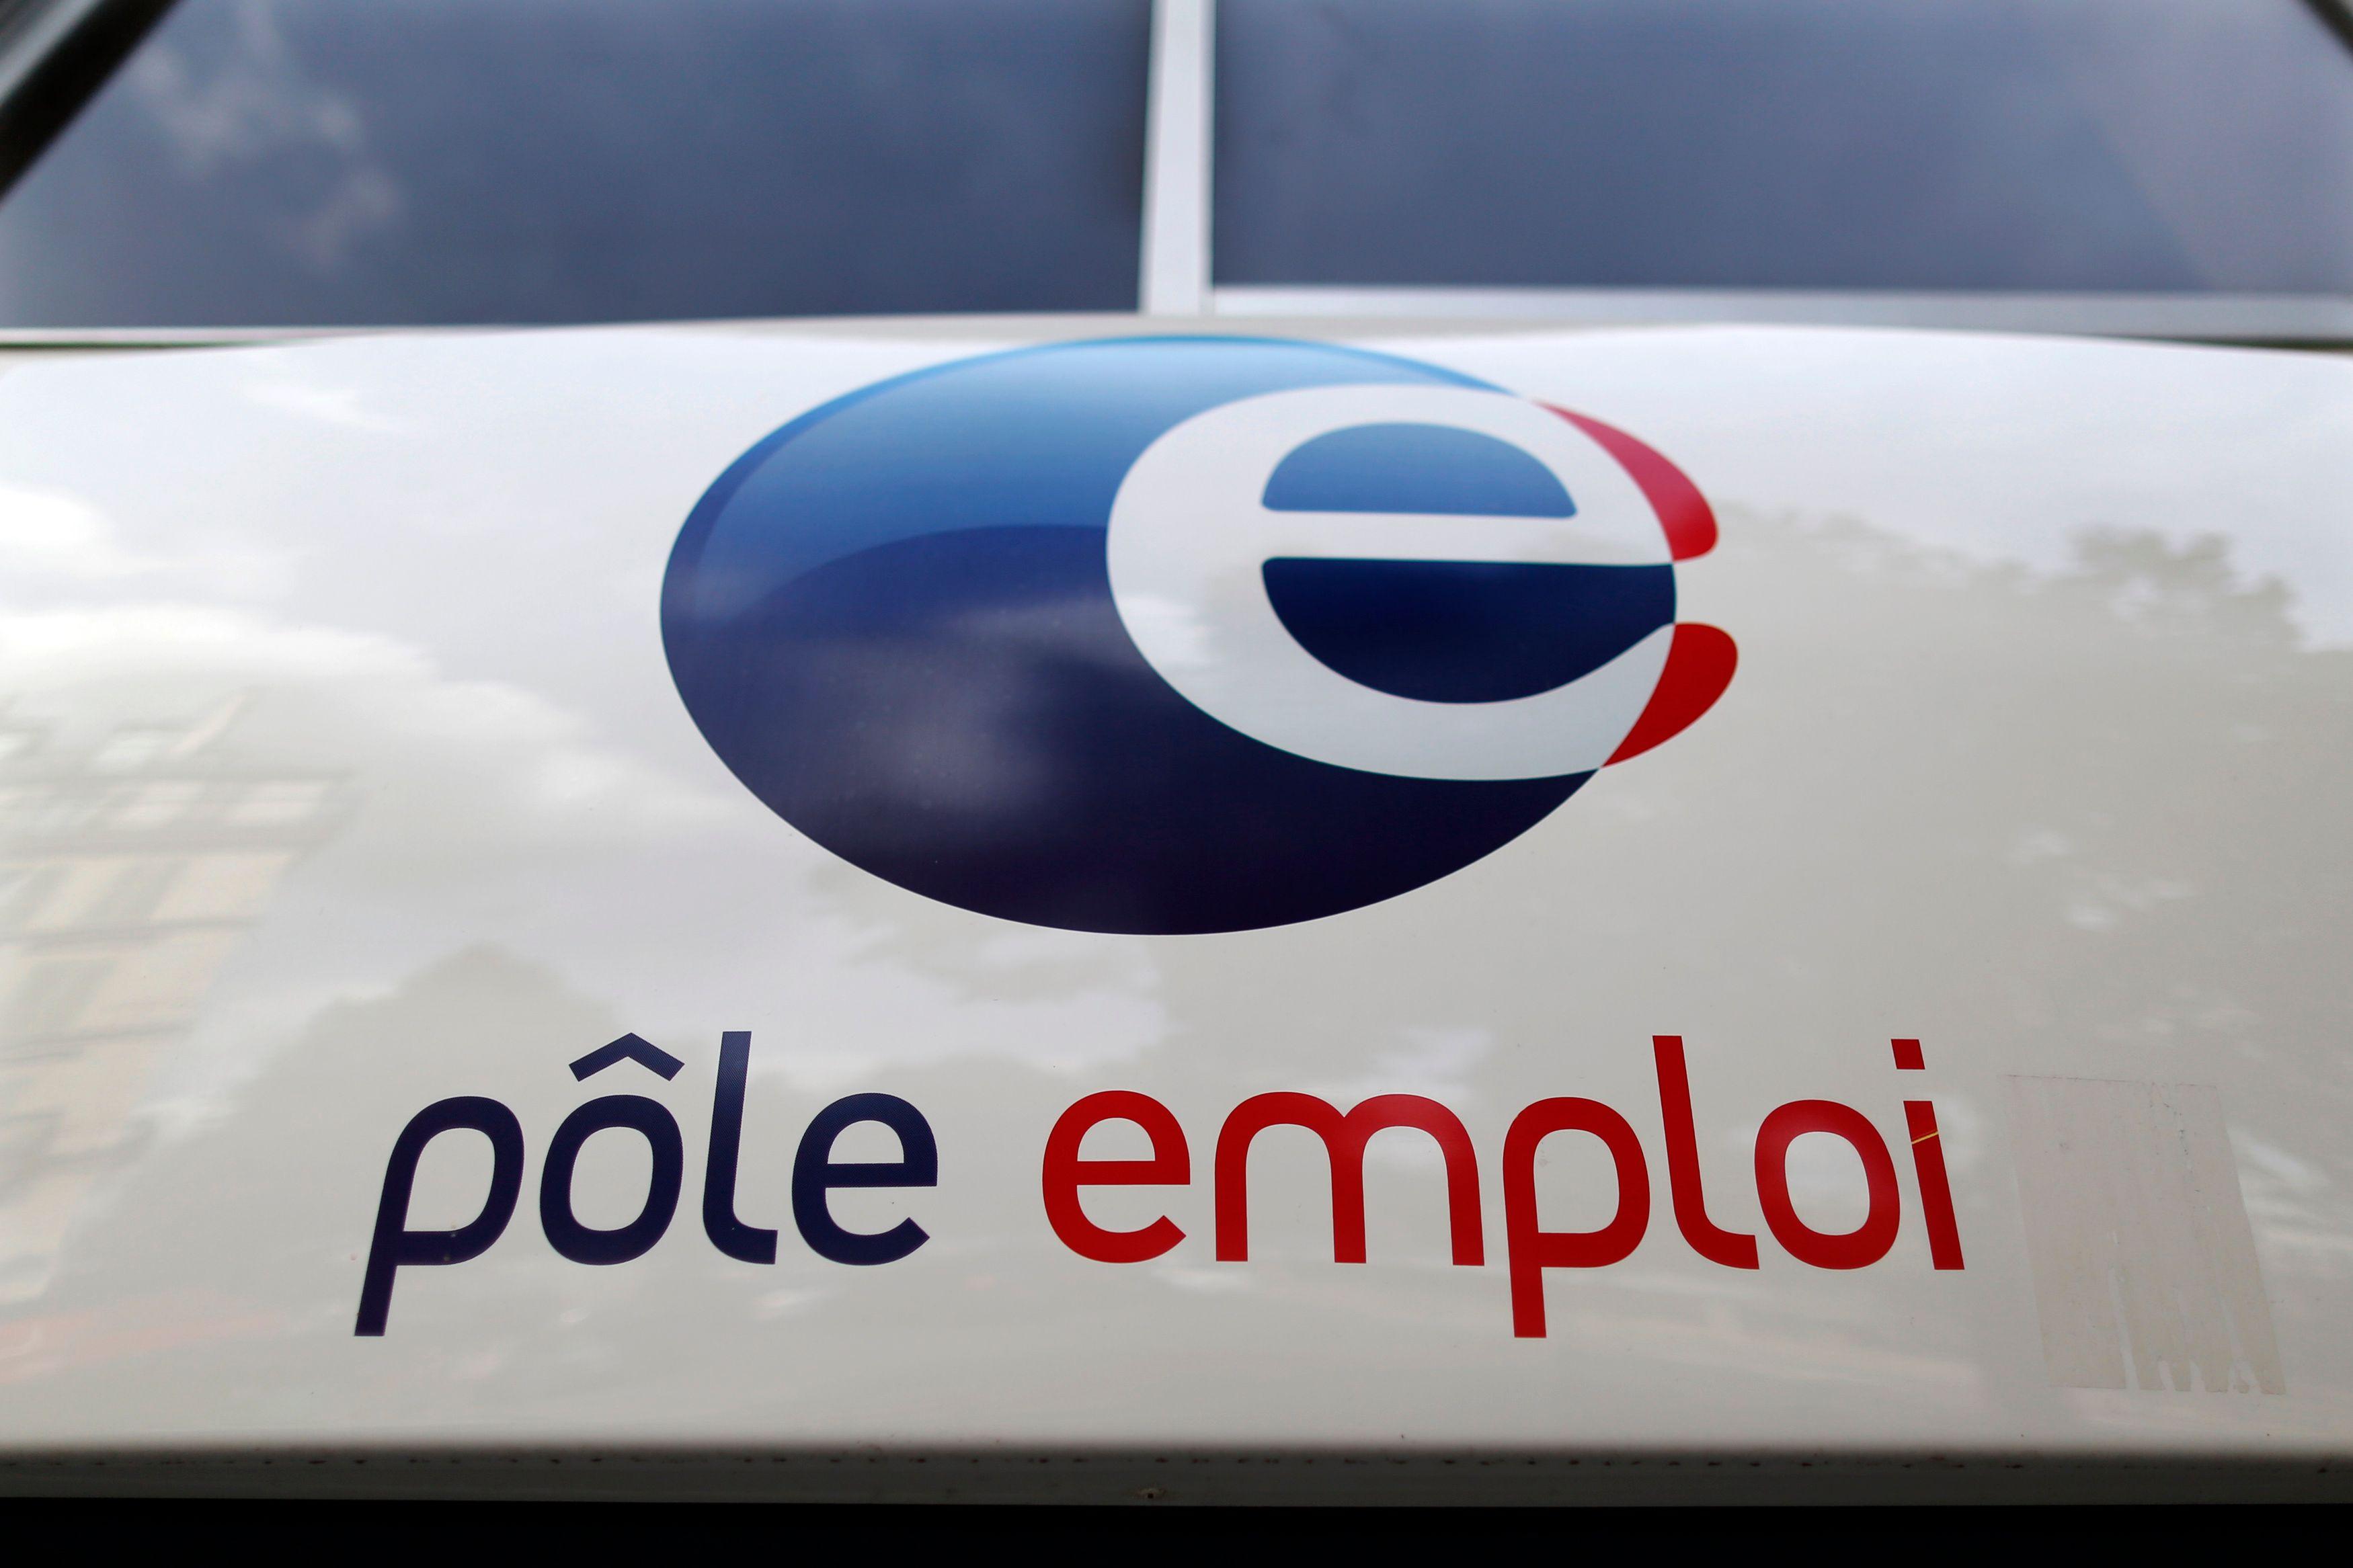 Le nombre de chômage atteint presque les 6 millions.